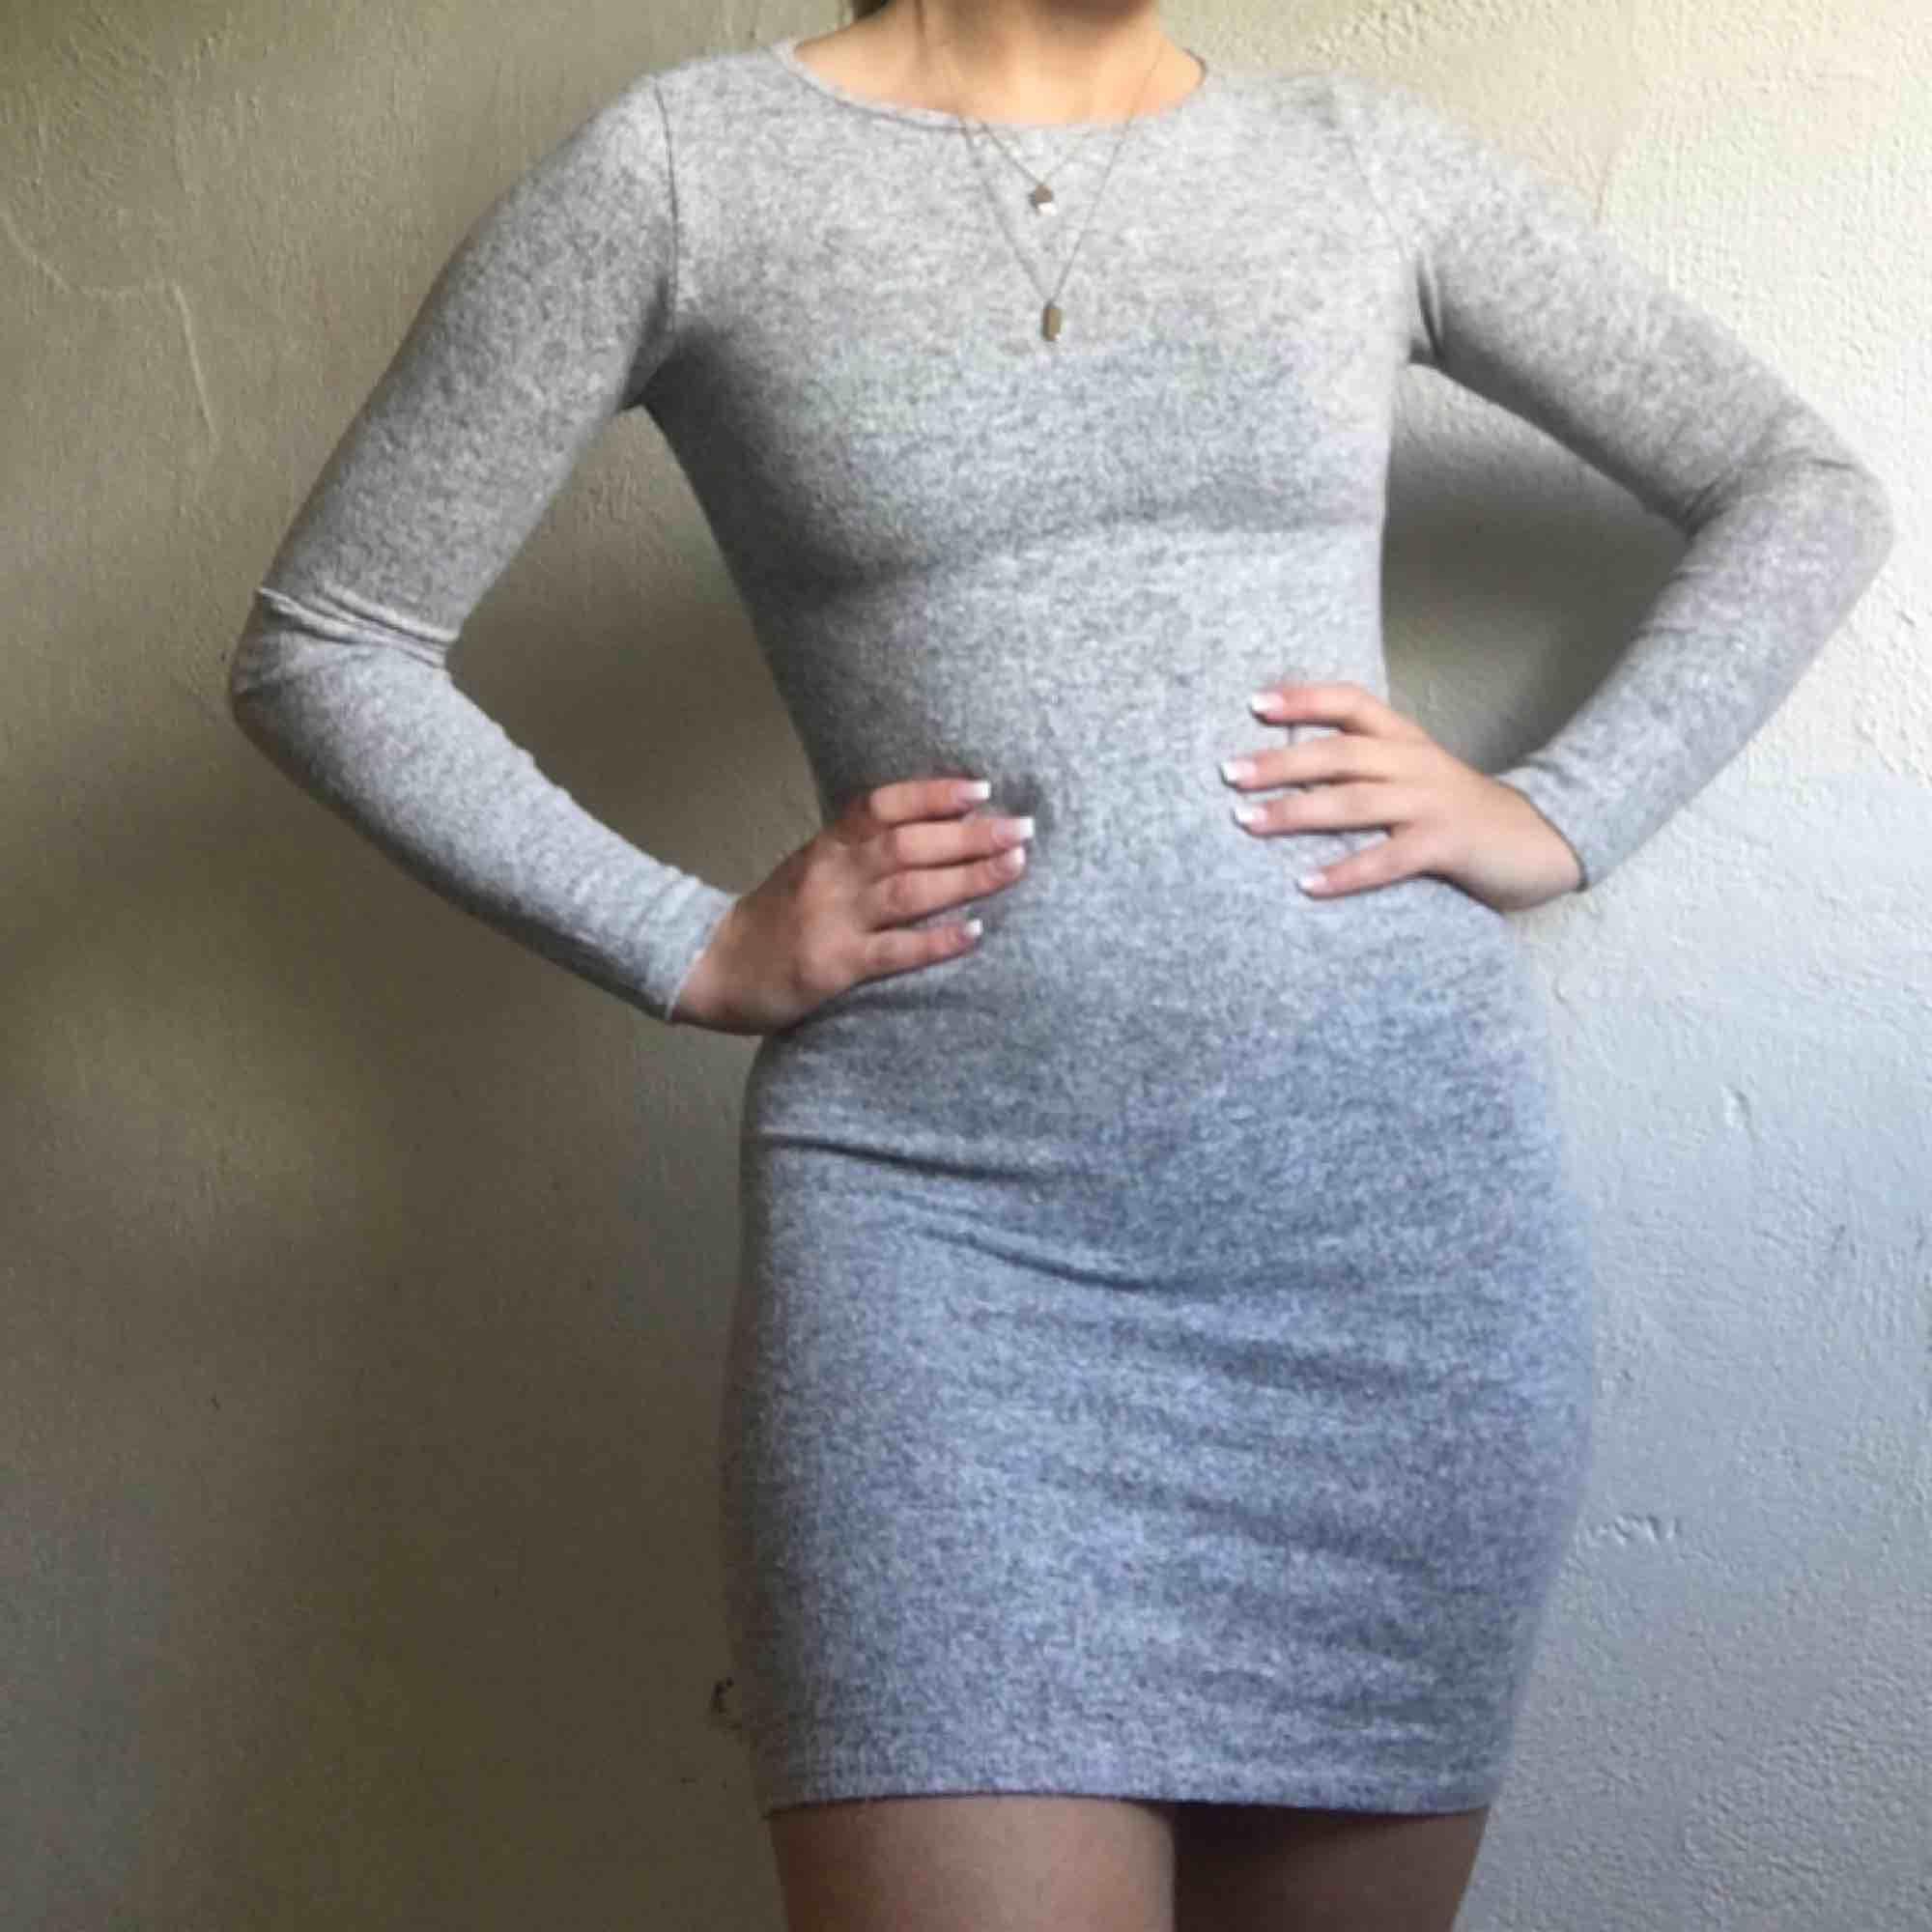 Jättesöt klänning från Chiquelle. 140kr + frakt. Klänningar.